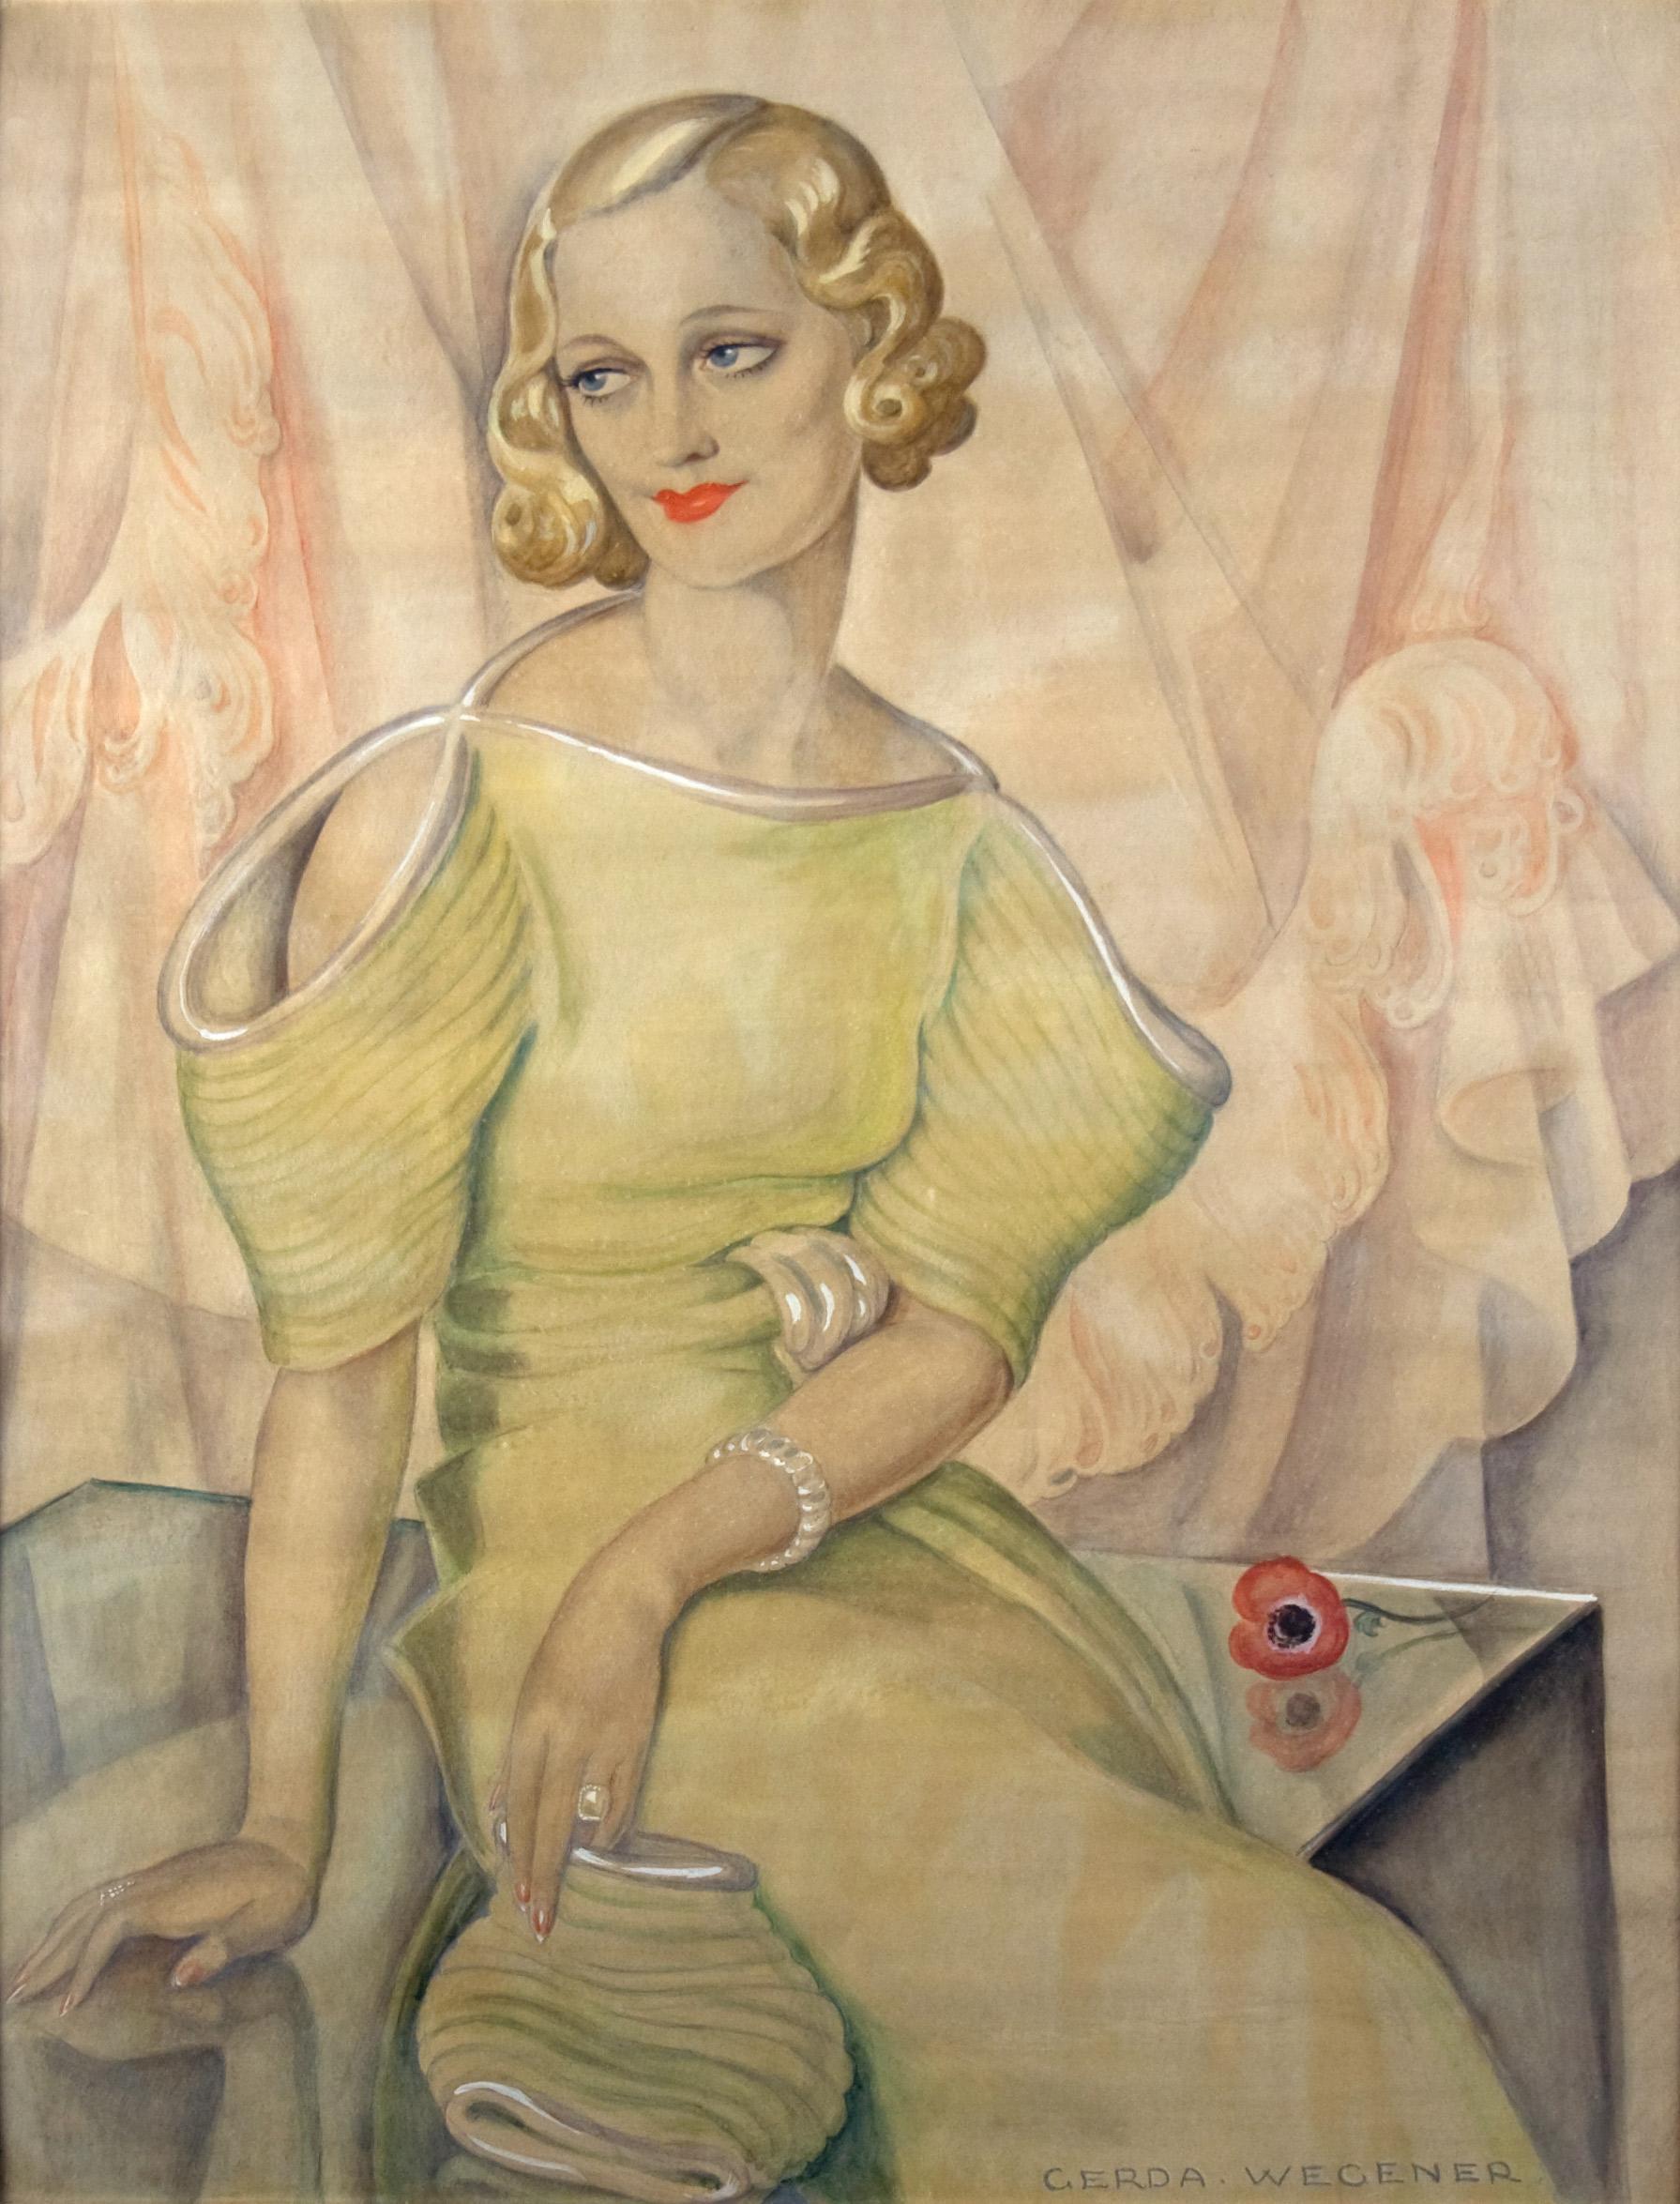 Gerda Wegener, Eva Heramb, 1934.